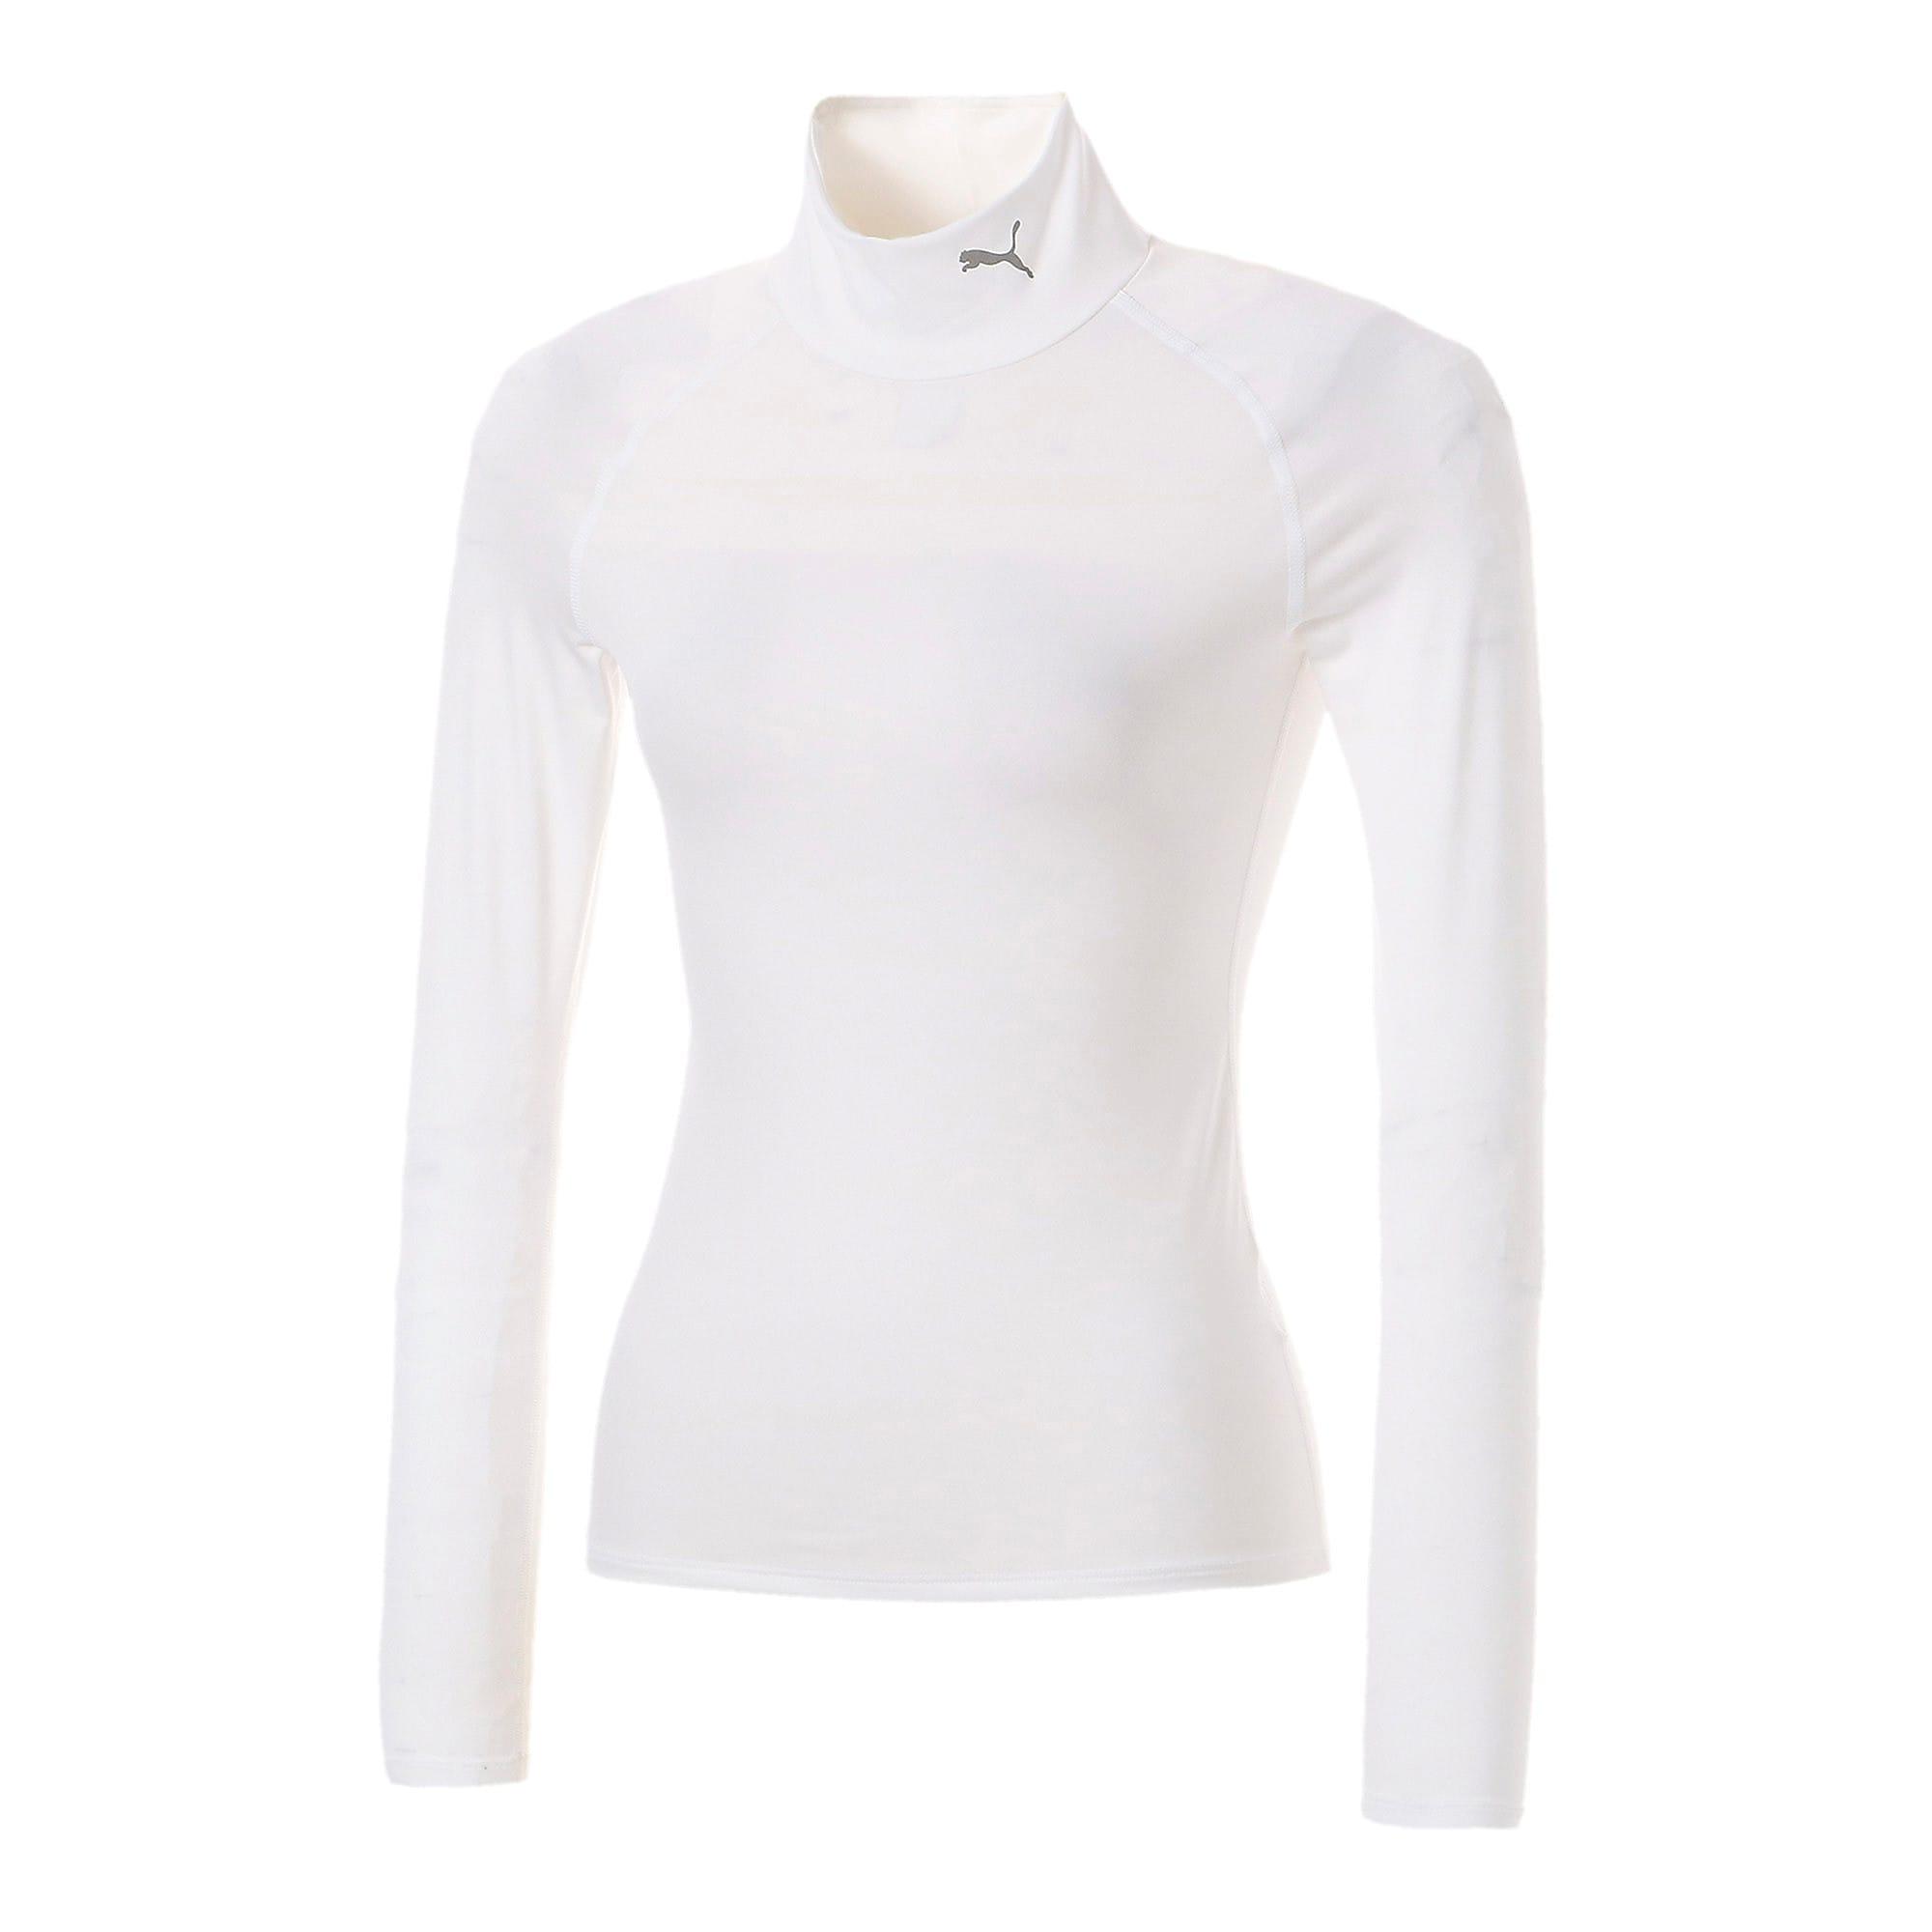 Thumbnail 1 of テック ライト LSモックネック ウィメンズ トレーニング Tシャツ 長袖, Puma White, medium-JPN